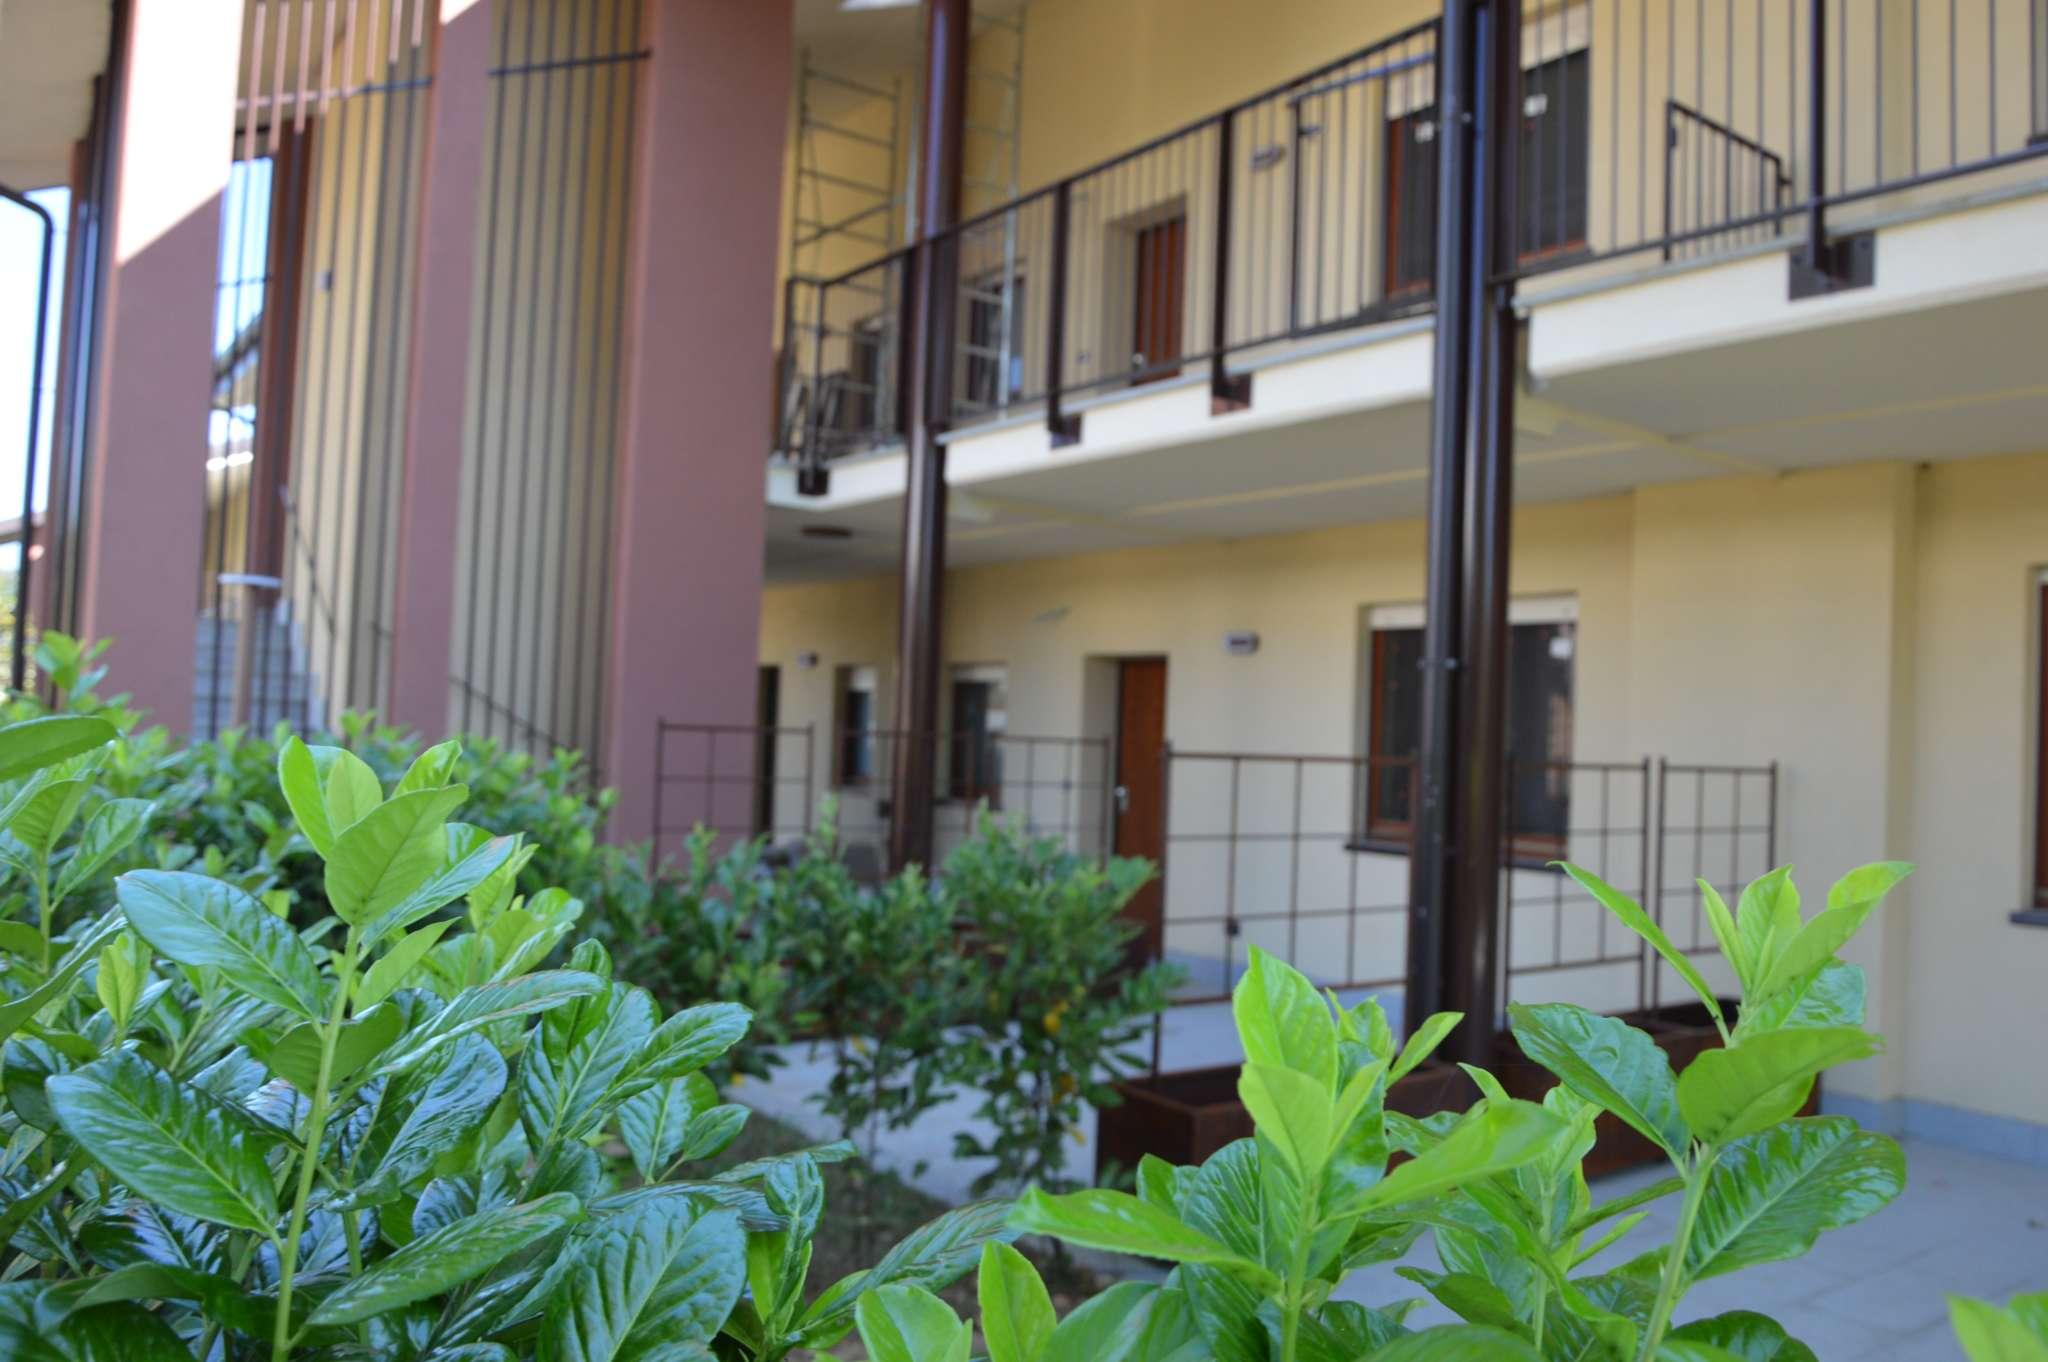 Appartamento in vendita a Pino Torinese, 6 locali, prezzo € 300.000 | PortaleAgenzieImmobiliari.it